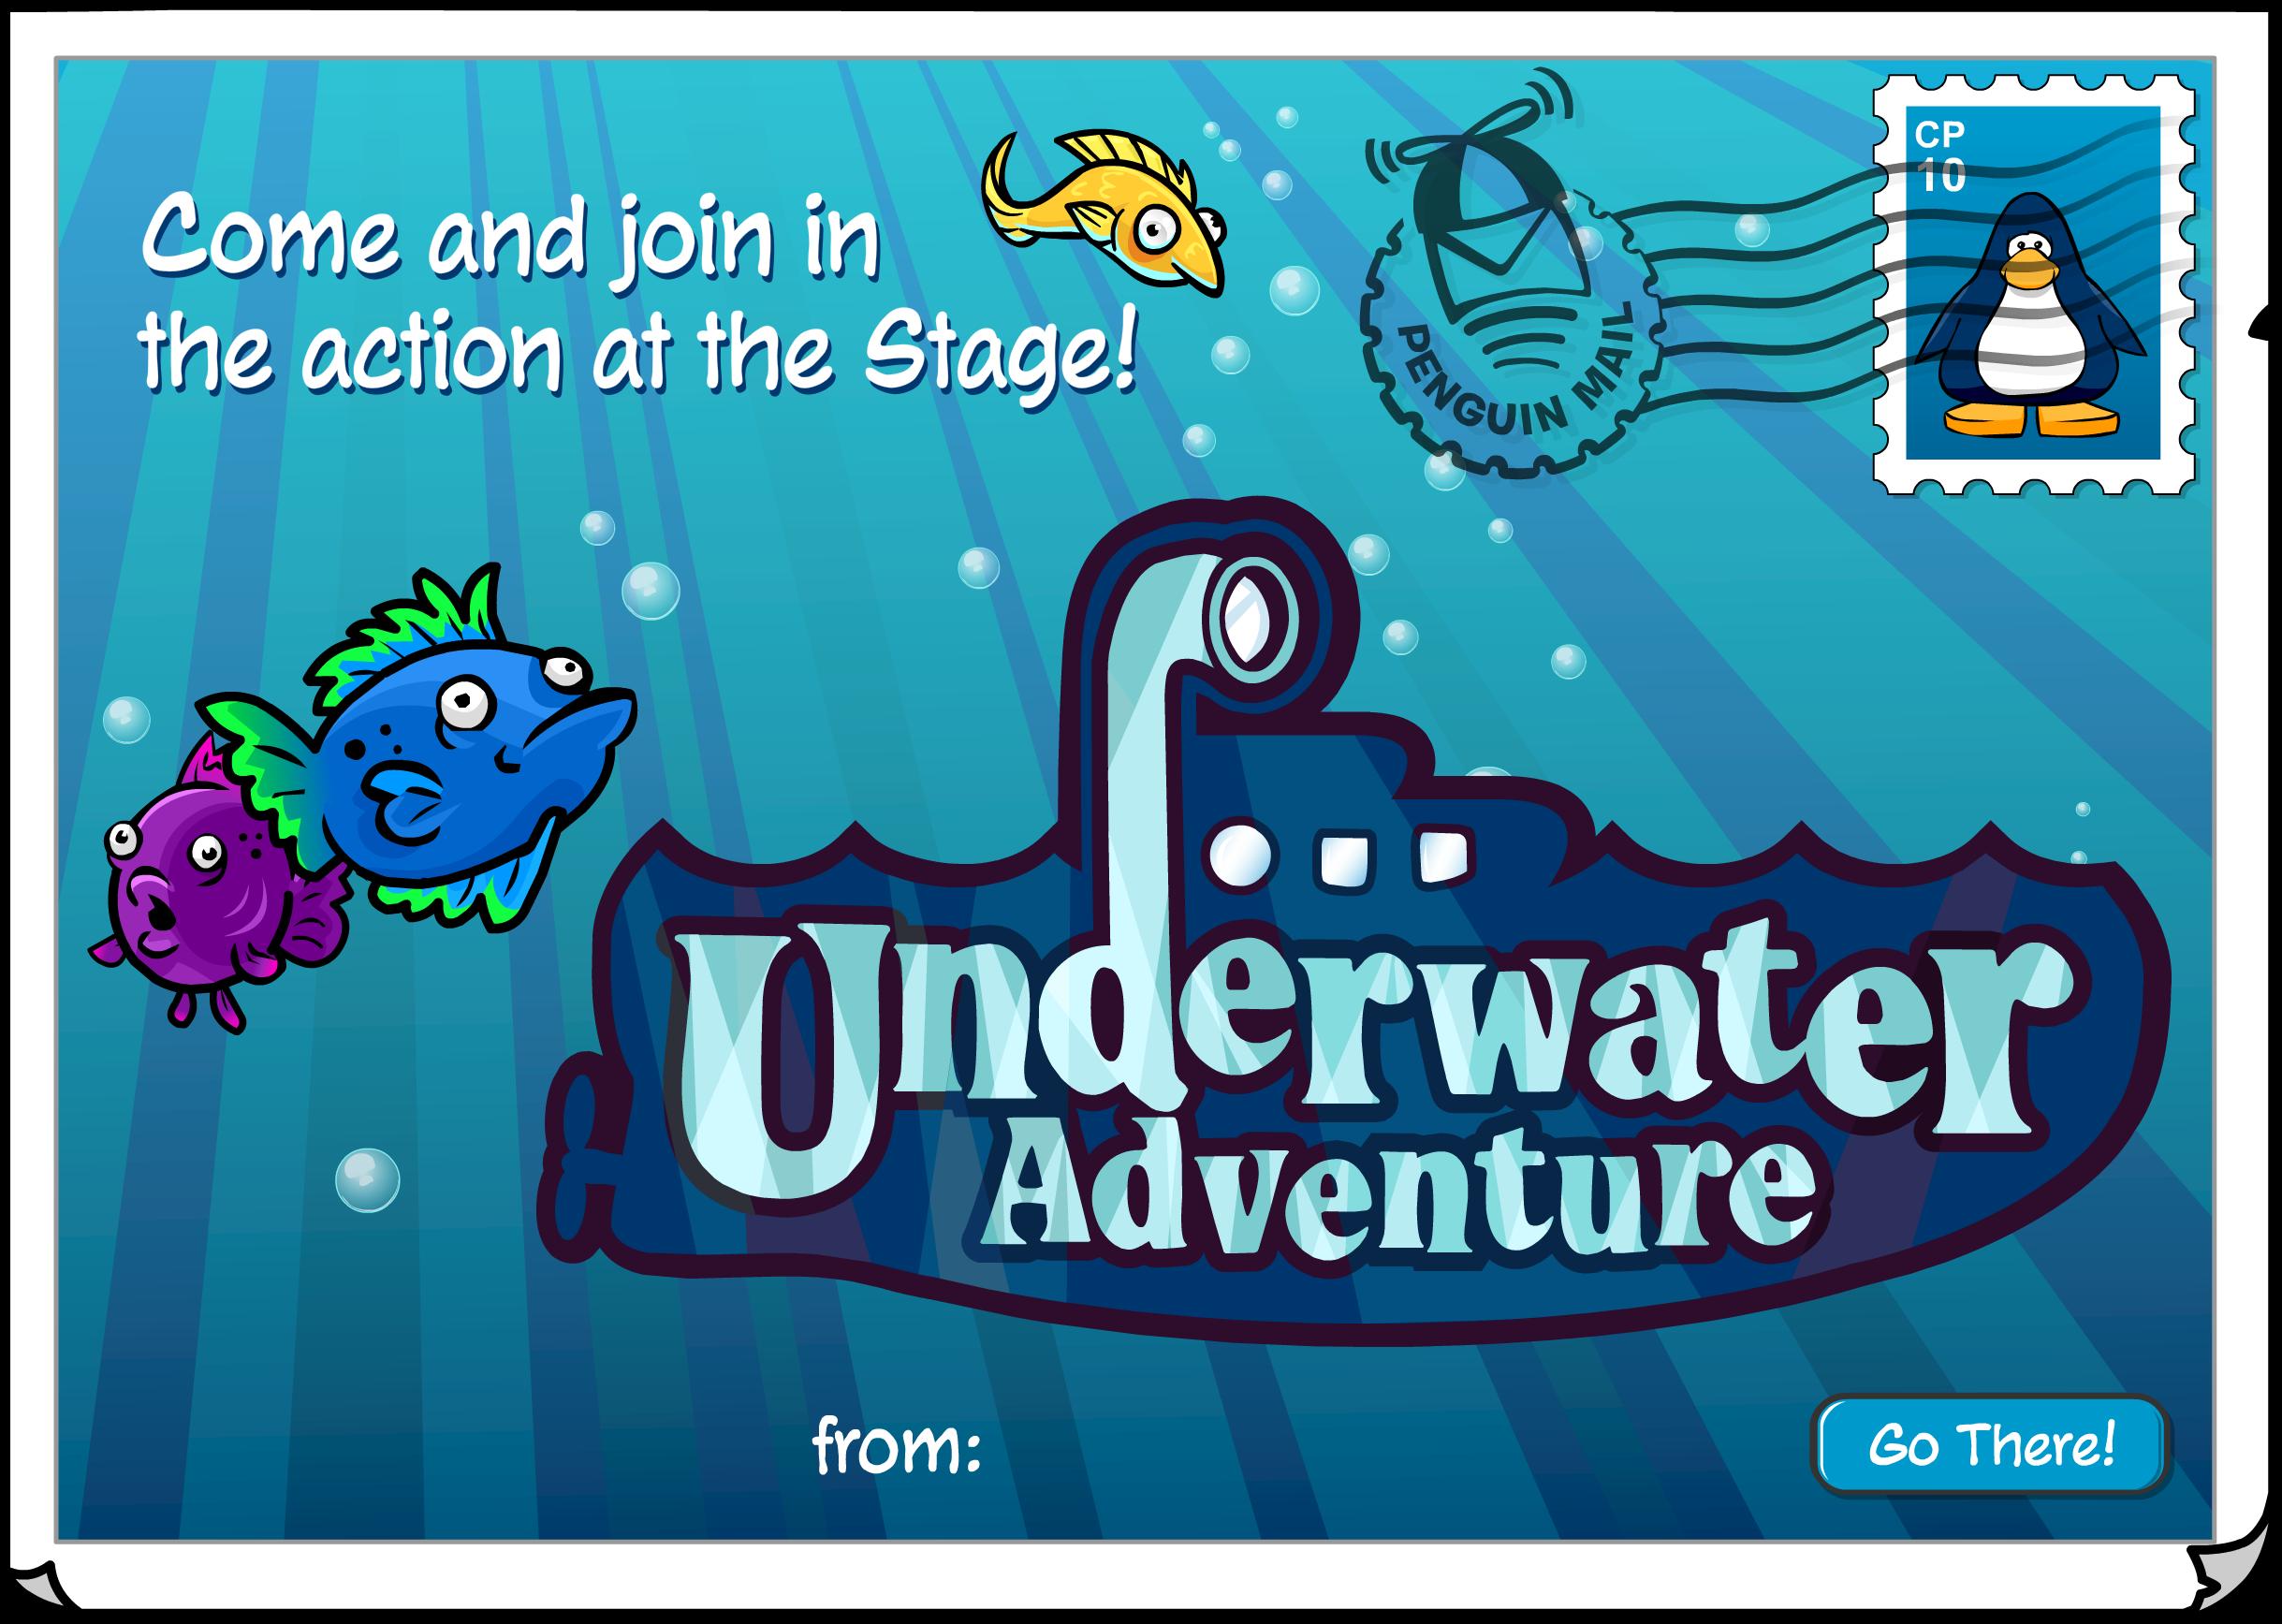 Underwater Adventure Postcard